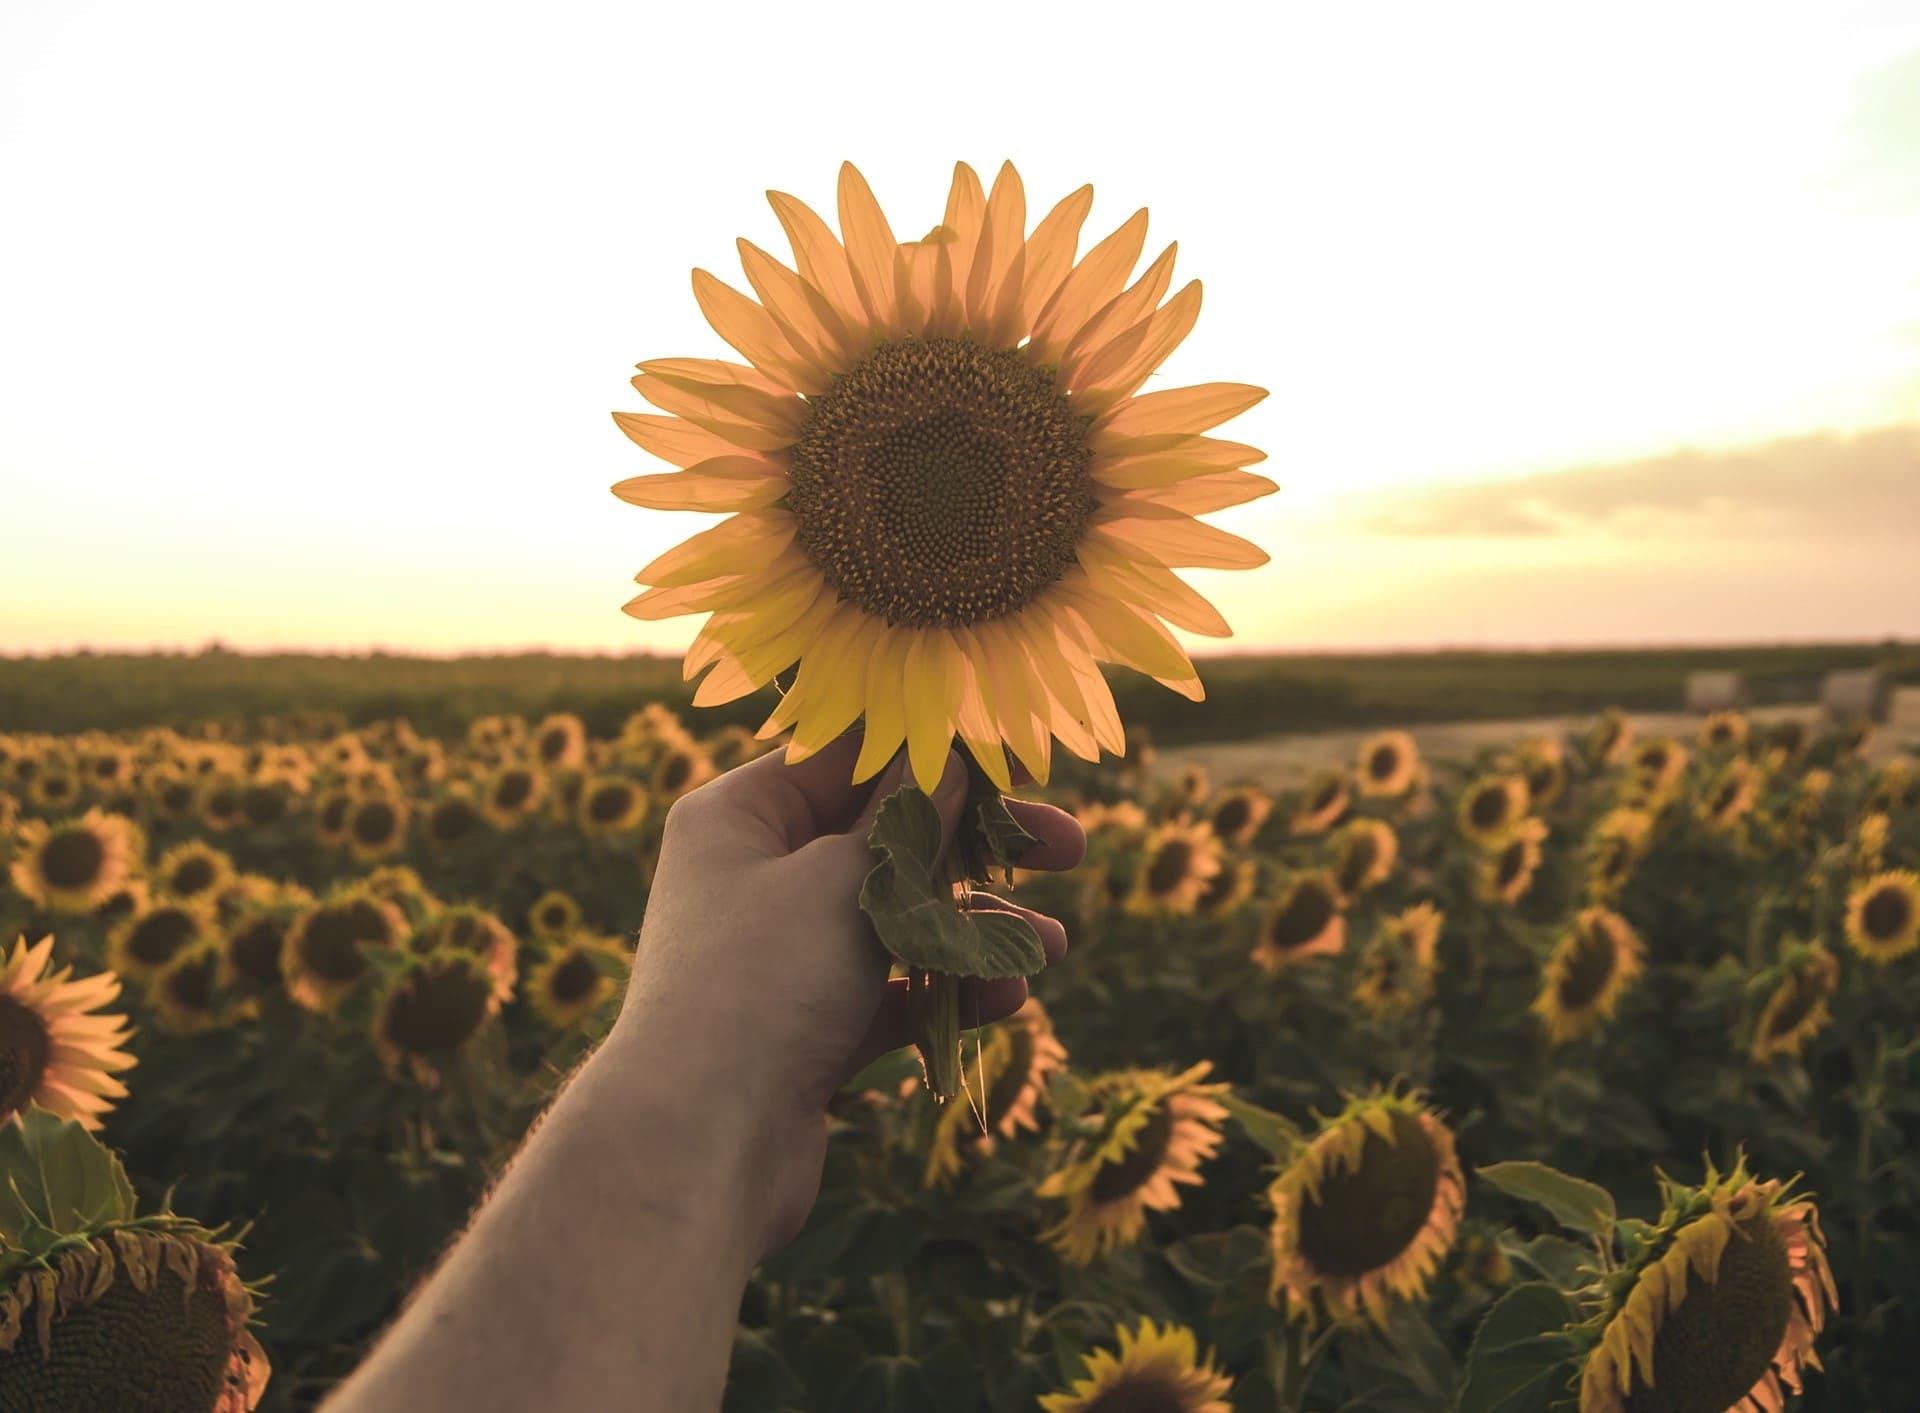 Titelbild: Mann hält Sonnenblume voller Dankbarkeit